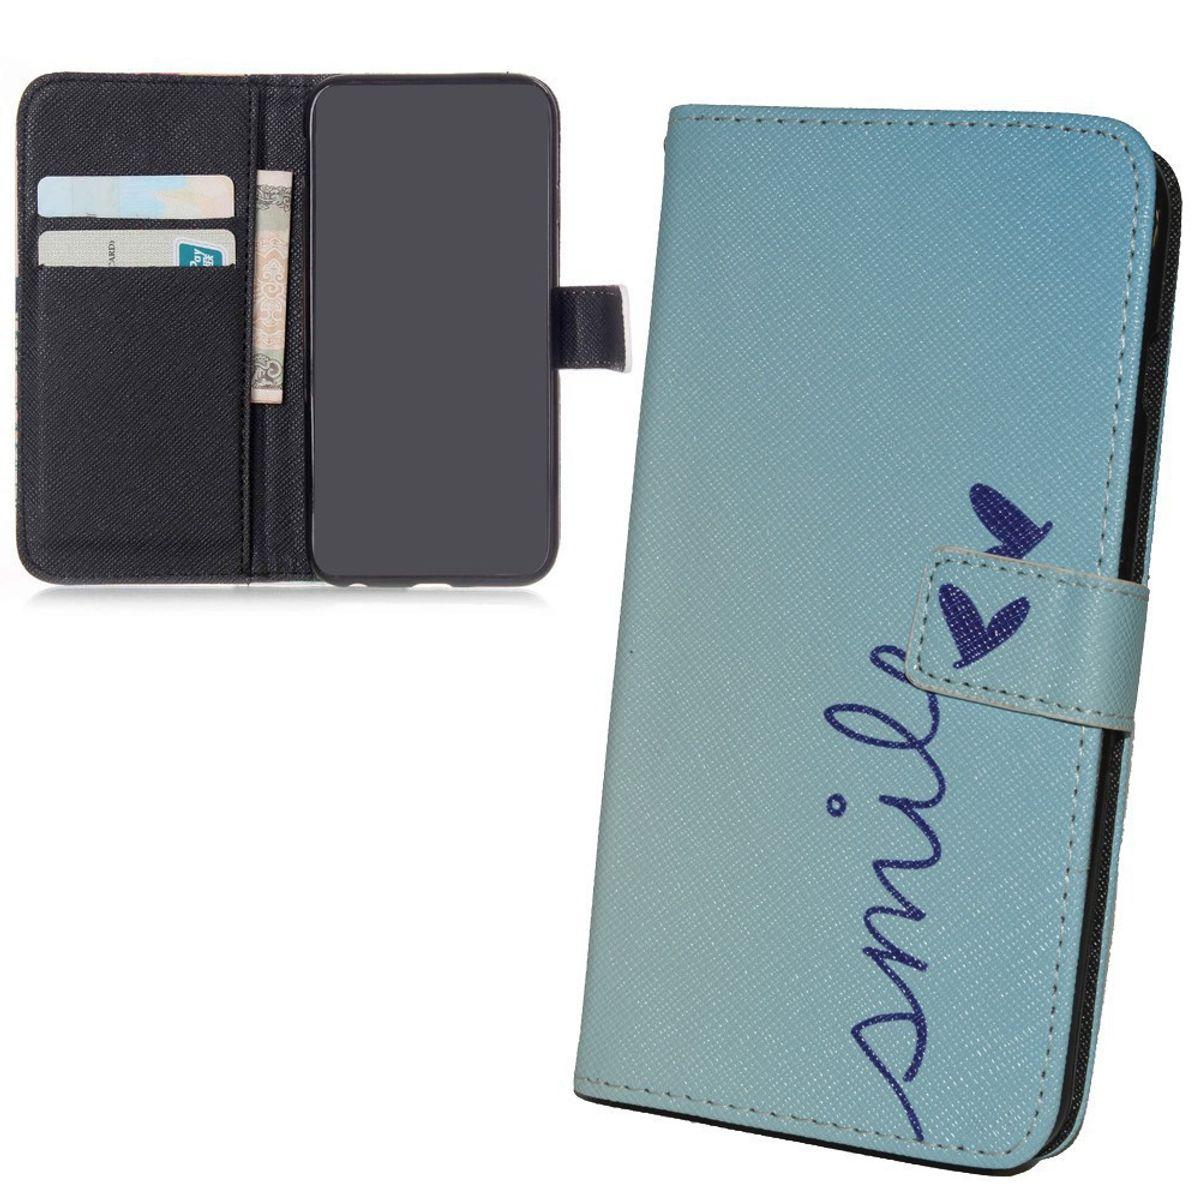 Handyhülle Tasche für Handy Huawei P8 Lite  Schriftzug Smile Blau